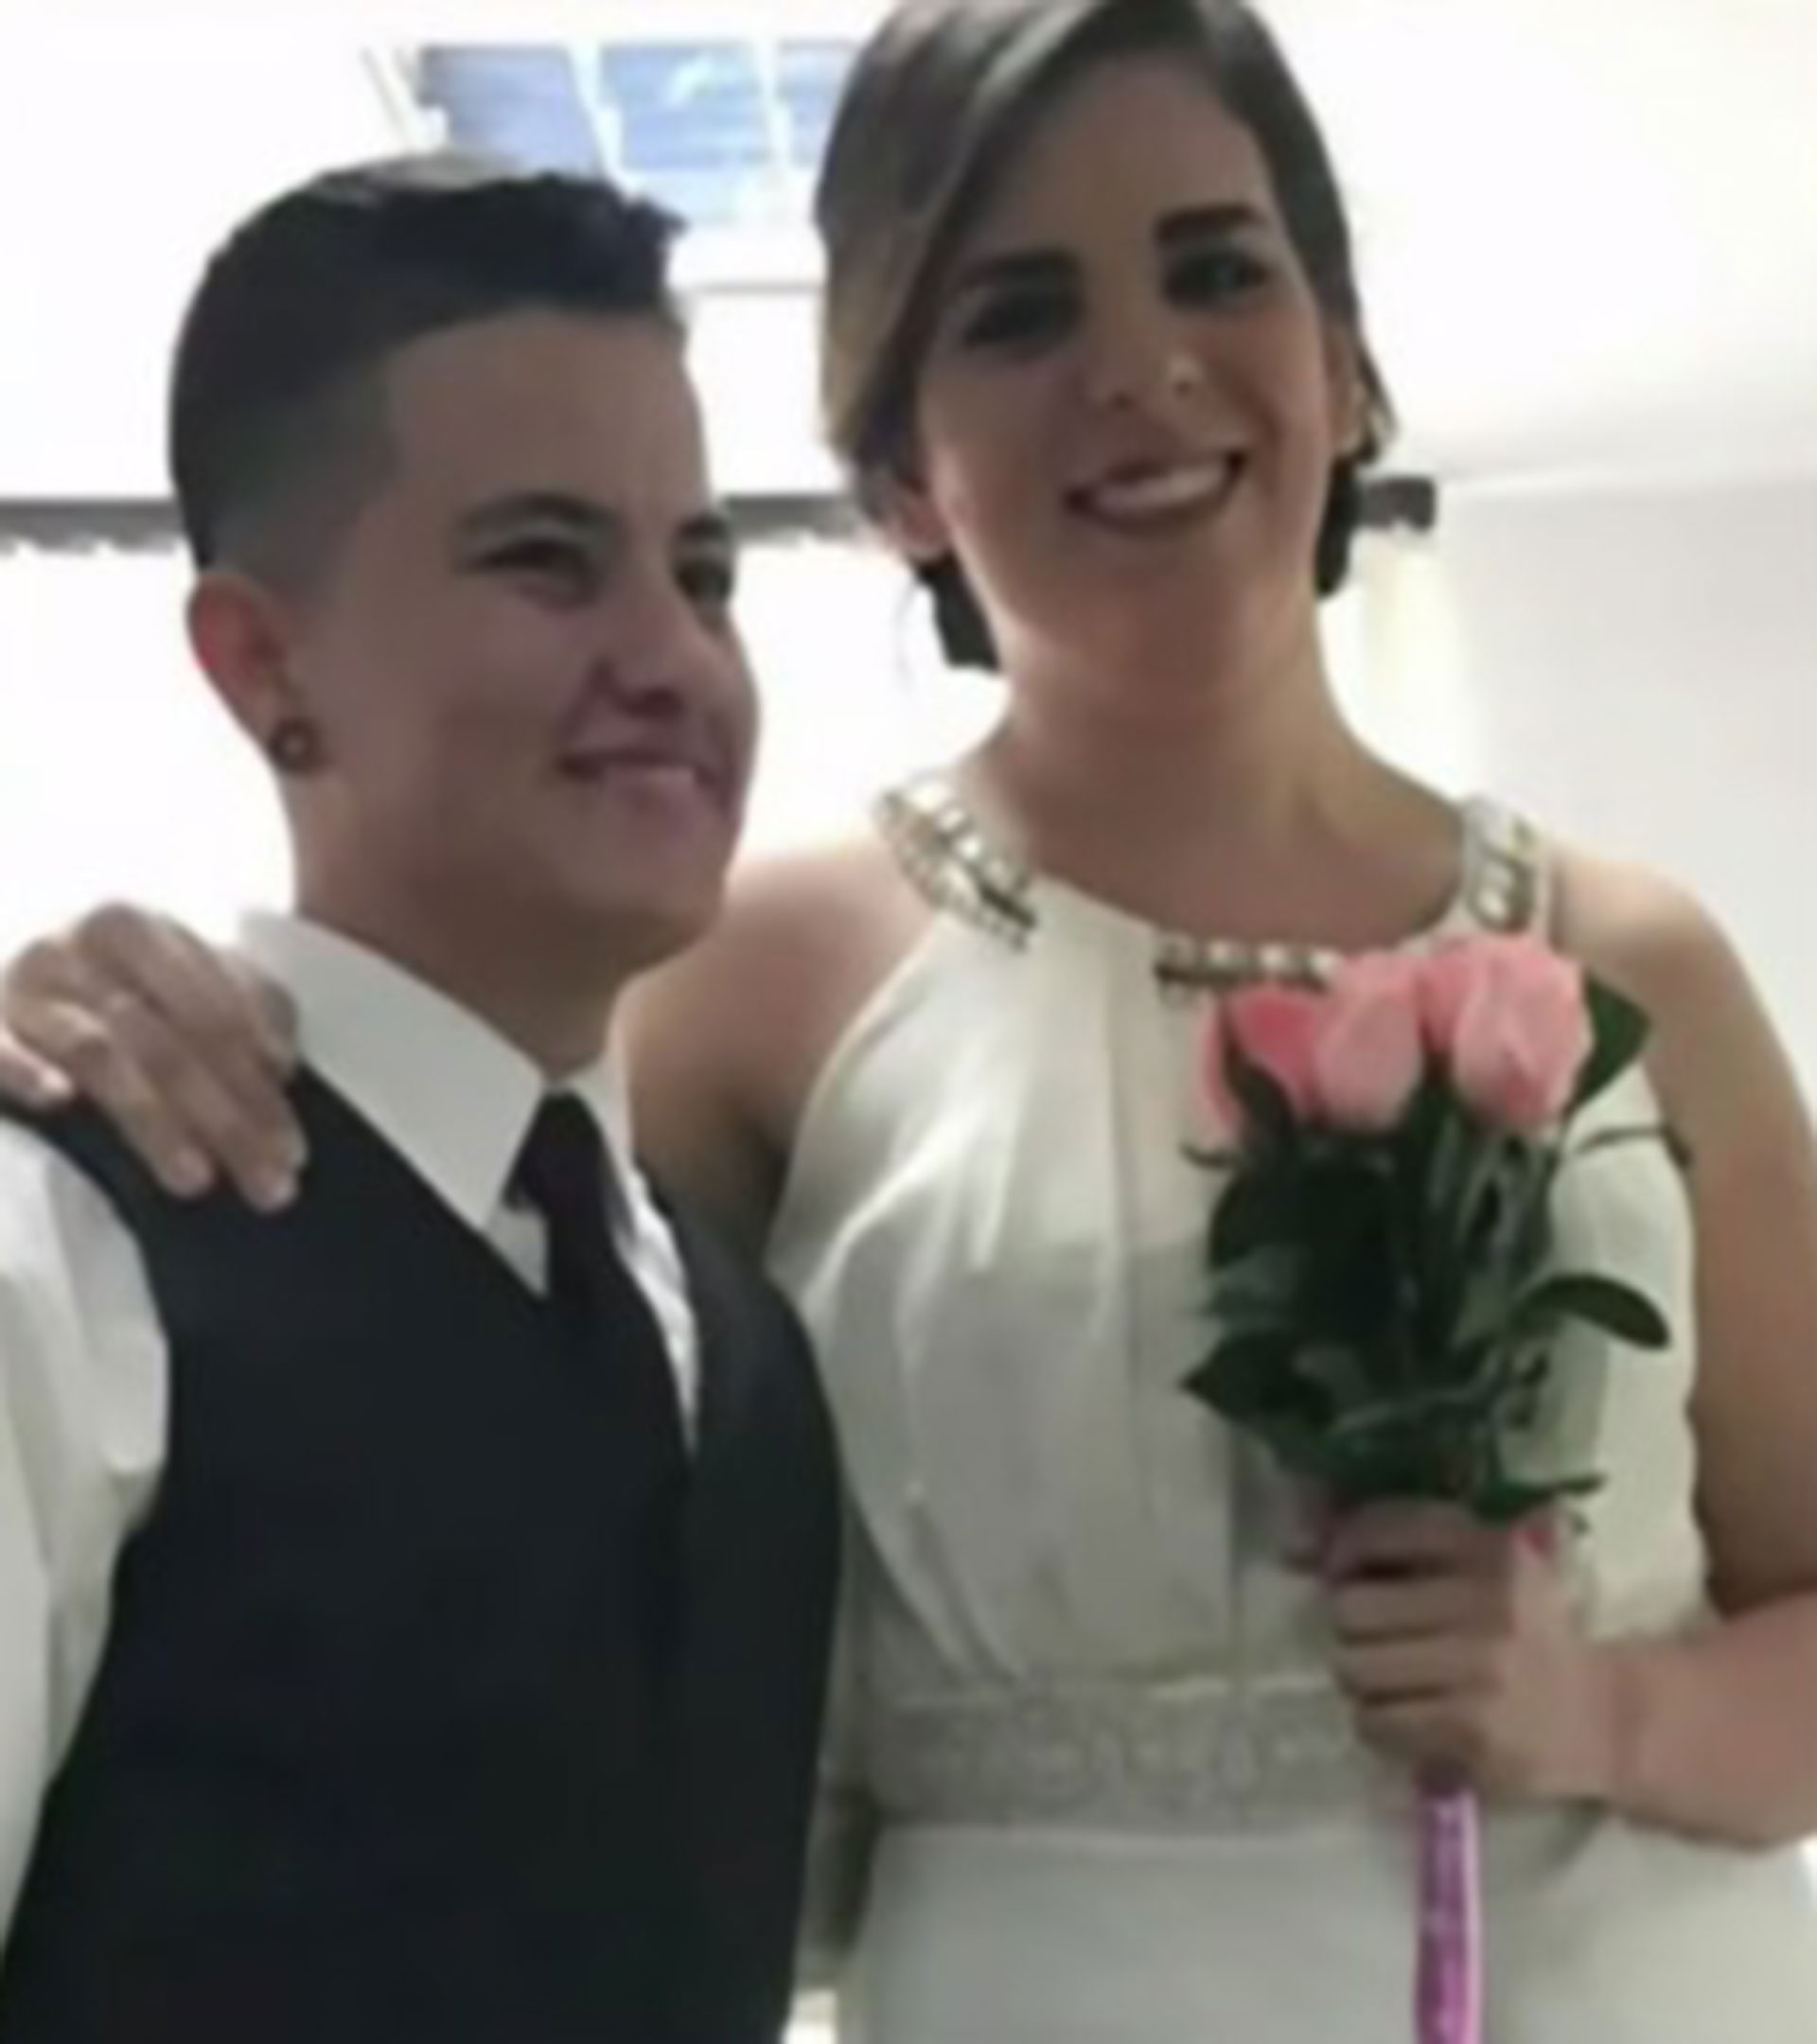 Andrés Santiago Zuluaga y María González, ambos de 25 años, son la primera pareja transgénero en casarse en Colombia. (Foto captura de video Caracol Noticias)